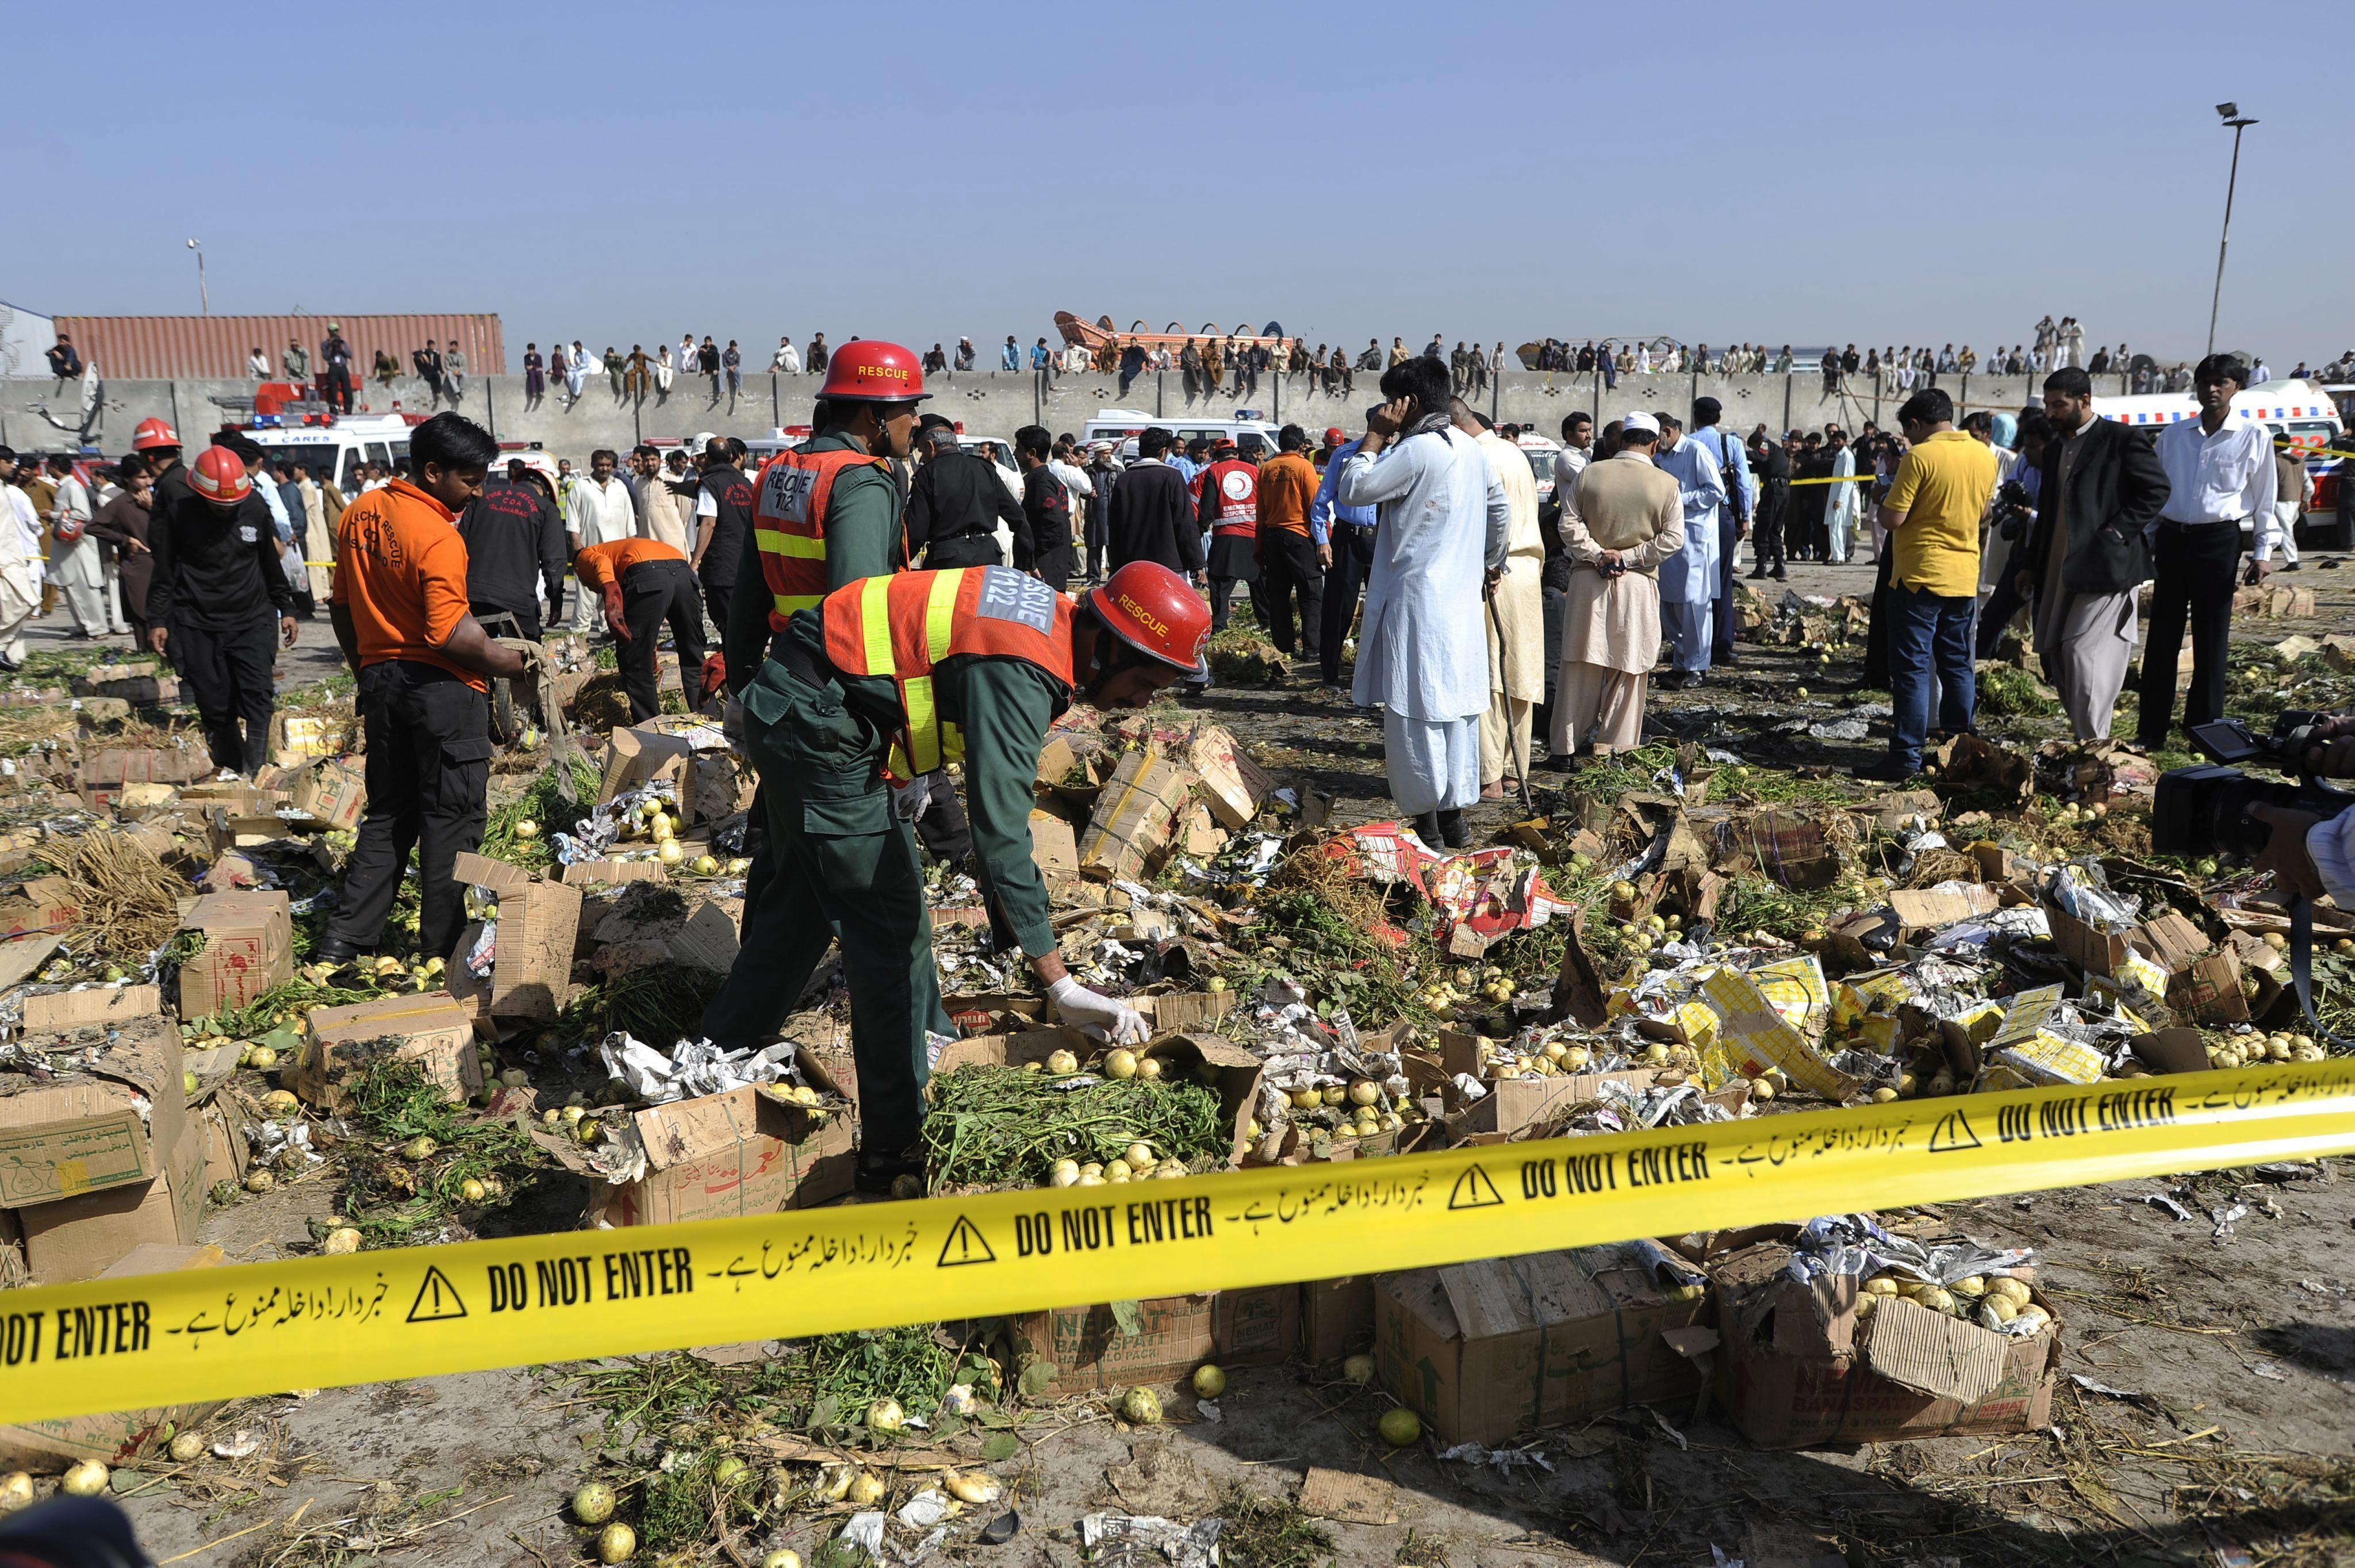 Mueren siete personas tiroteadas en un hotel en el oeste de Pakistán